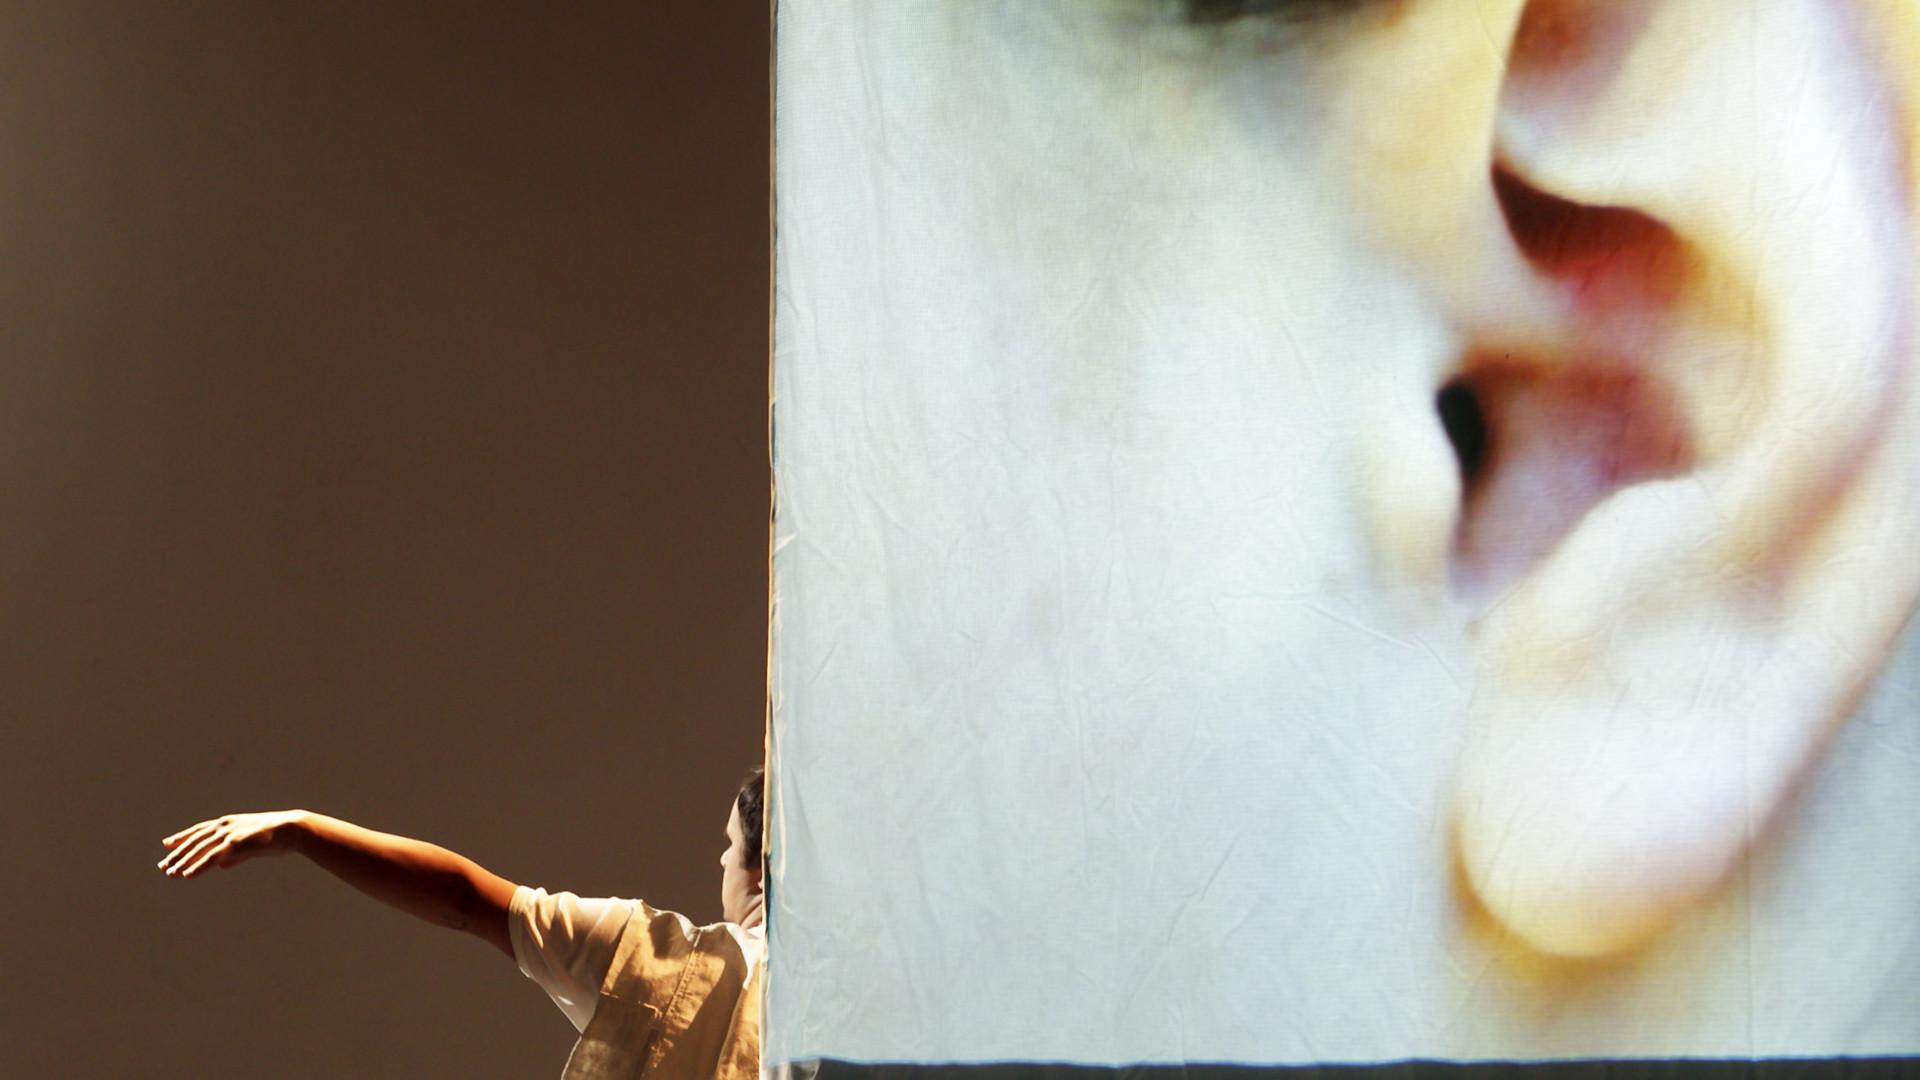 Szenenfoto aus einer Auffuehrung: Eine Großprojektion eines menschliches Ohres. Links daneben klein ein Taenzer, von dem nur der ausgestreckte Arm und der halbe Koerper zu sehen ist.